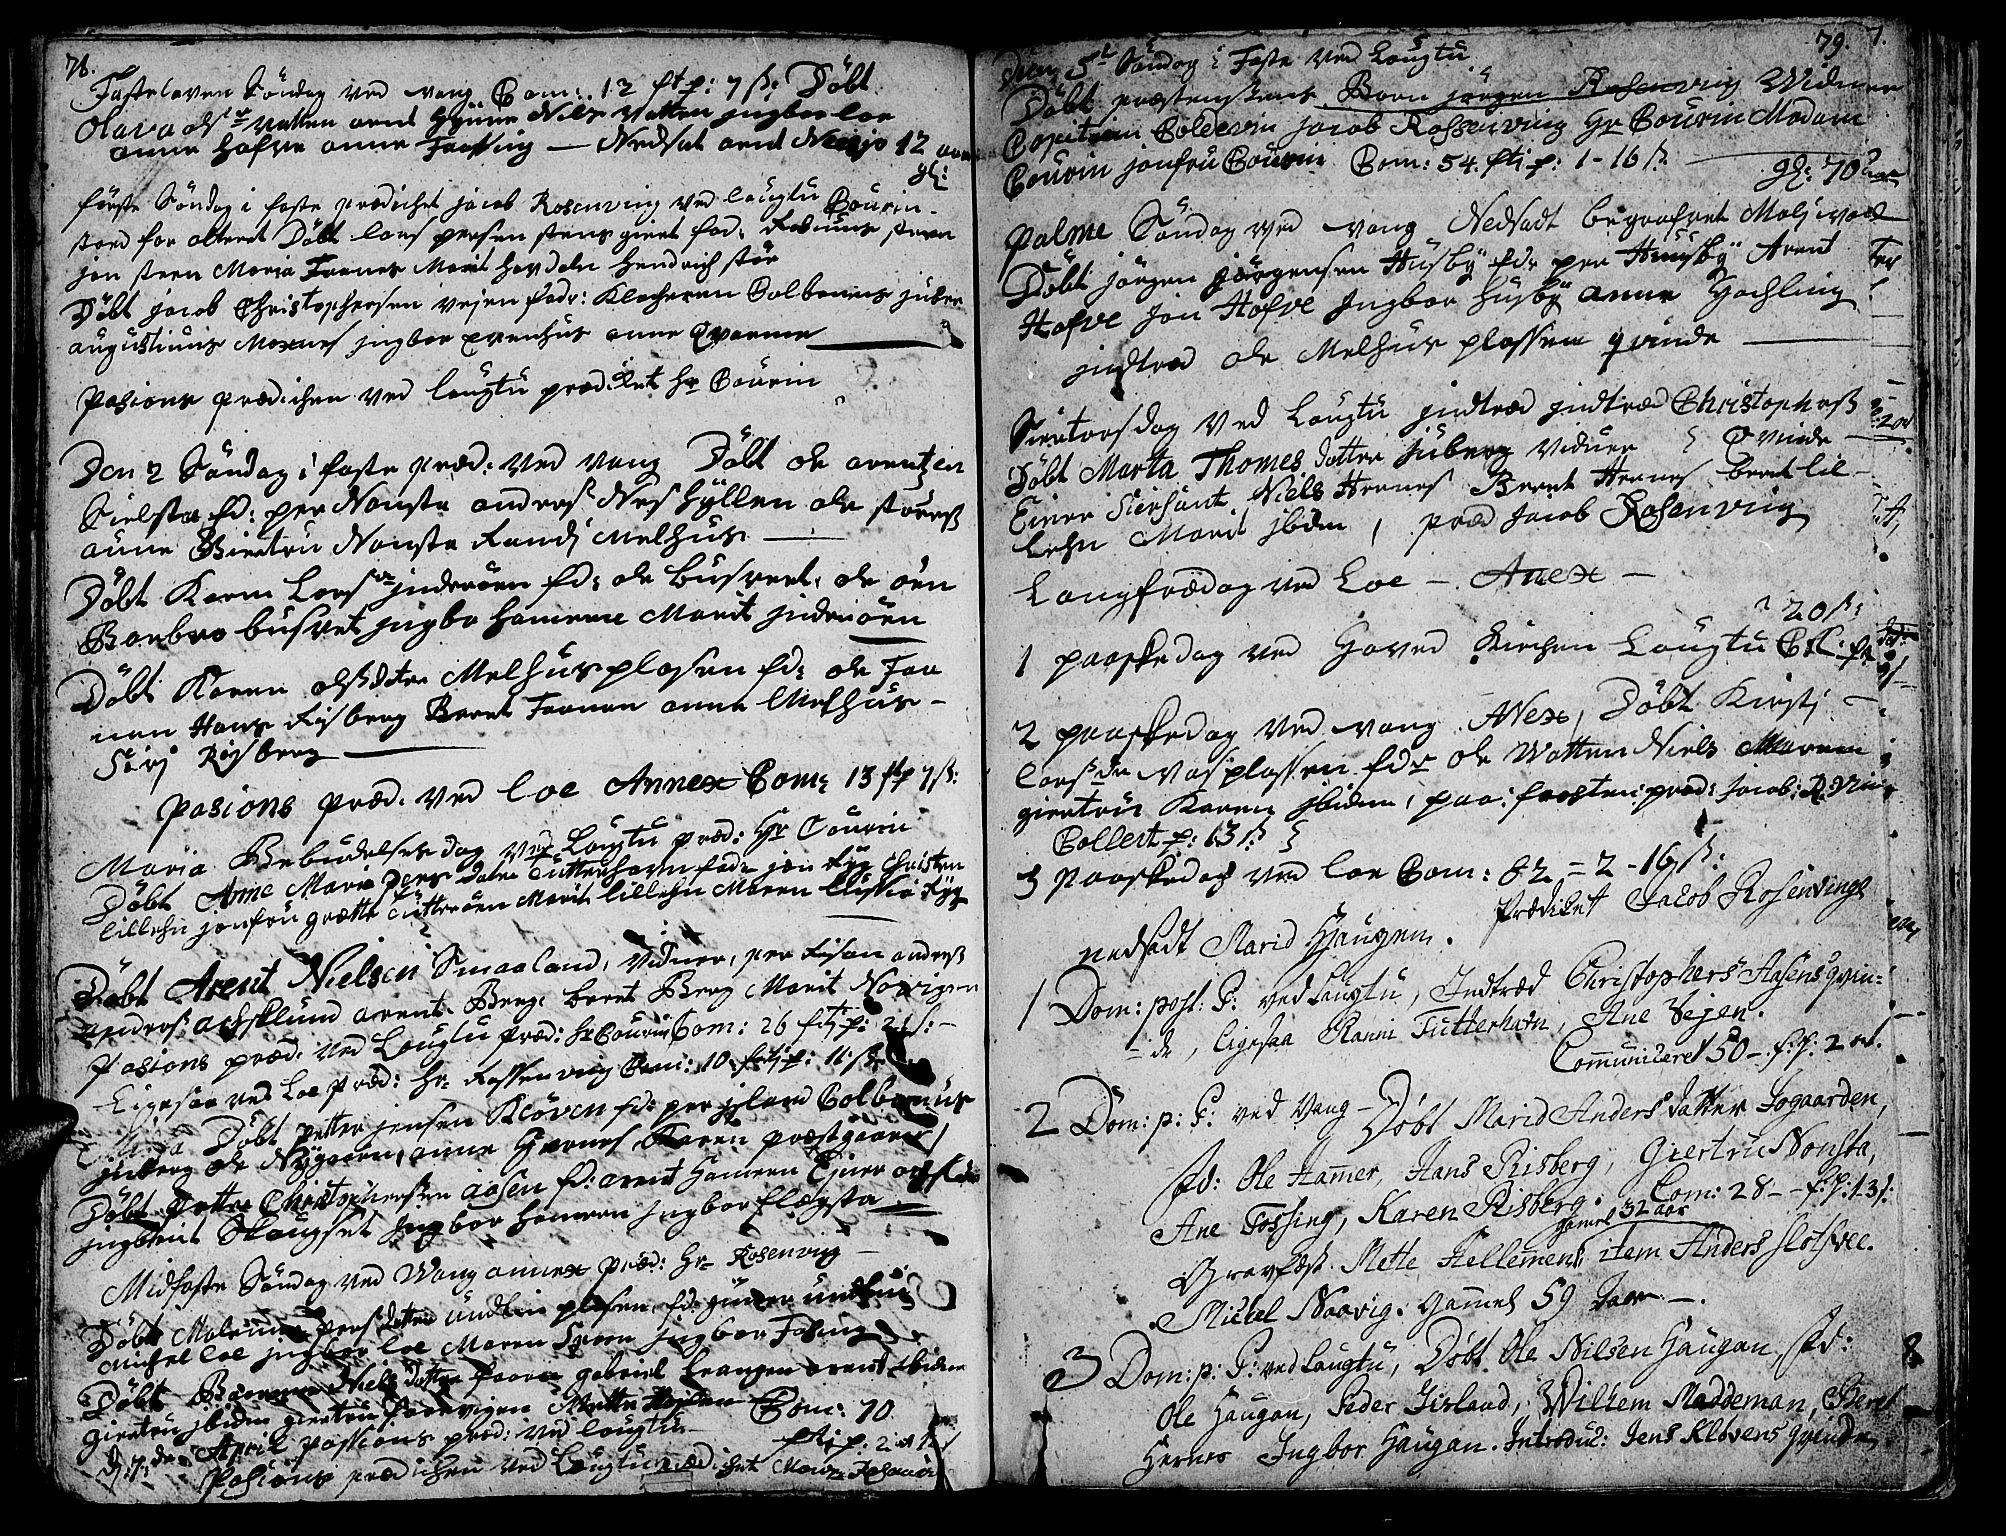 SAT, Ministerialprotokoller, klokkerbøker og fødselsregistre - Nord-Trøndelag, 713/L0109: Ministerialbok nr. 713A01, 1750-1778, s. 78-79